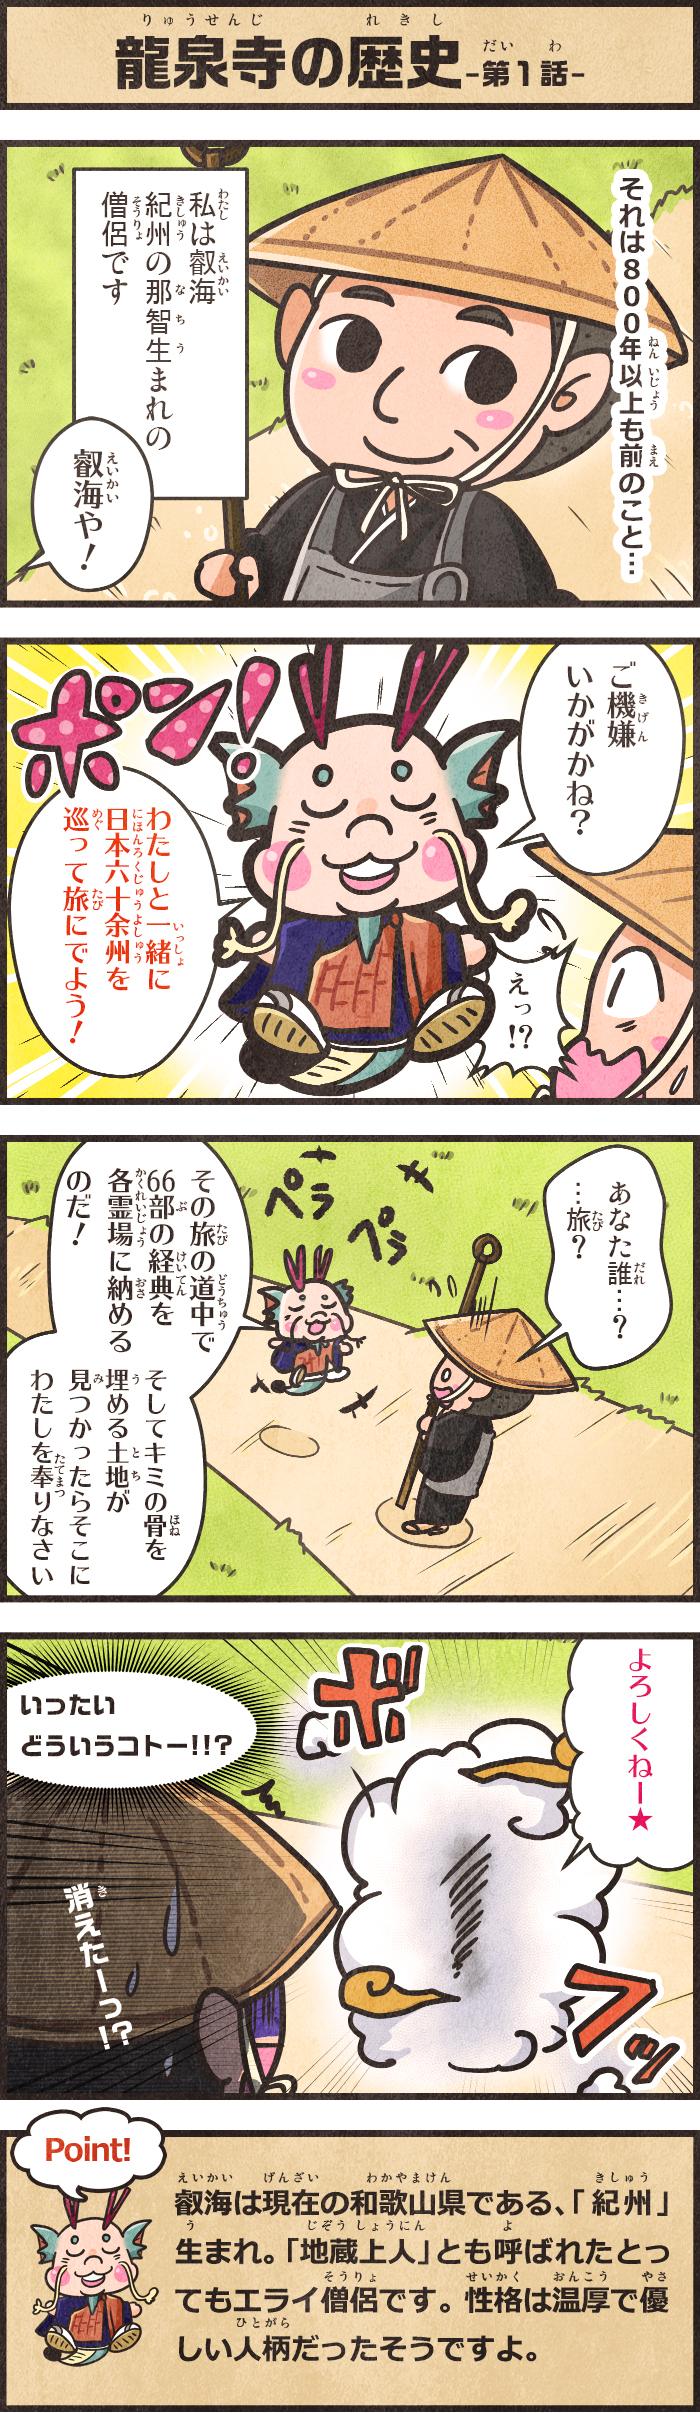 180509_kotatsu_4koma_31